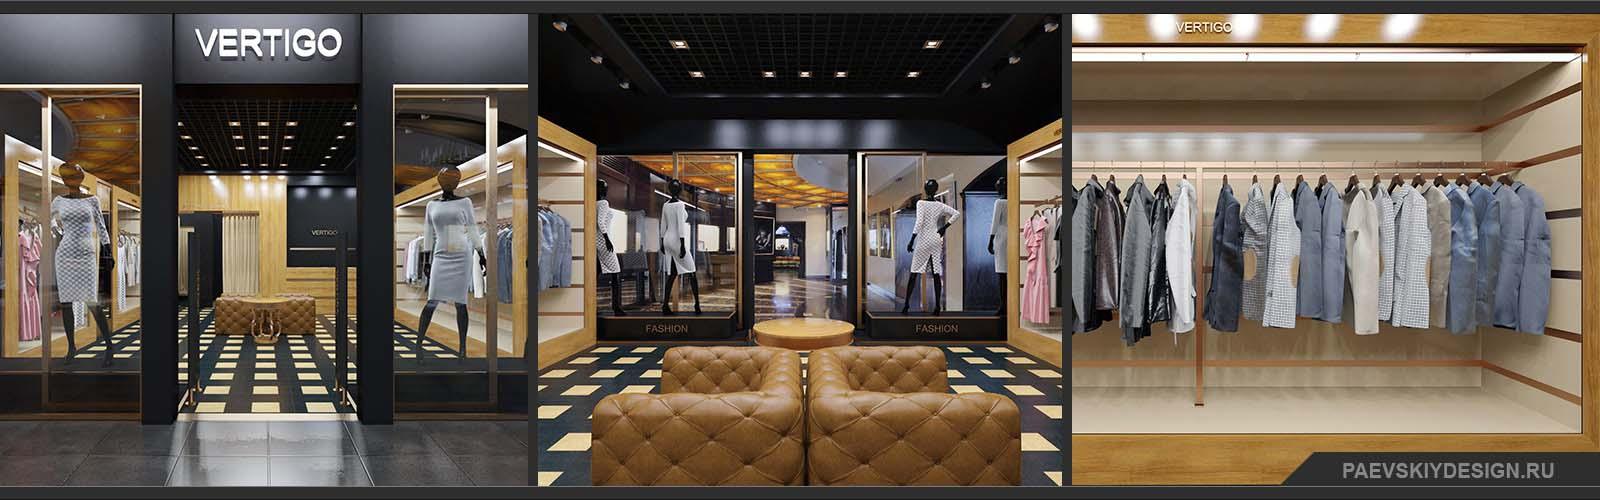 Дизайн интерьера магазина бутика в Москве